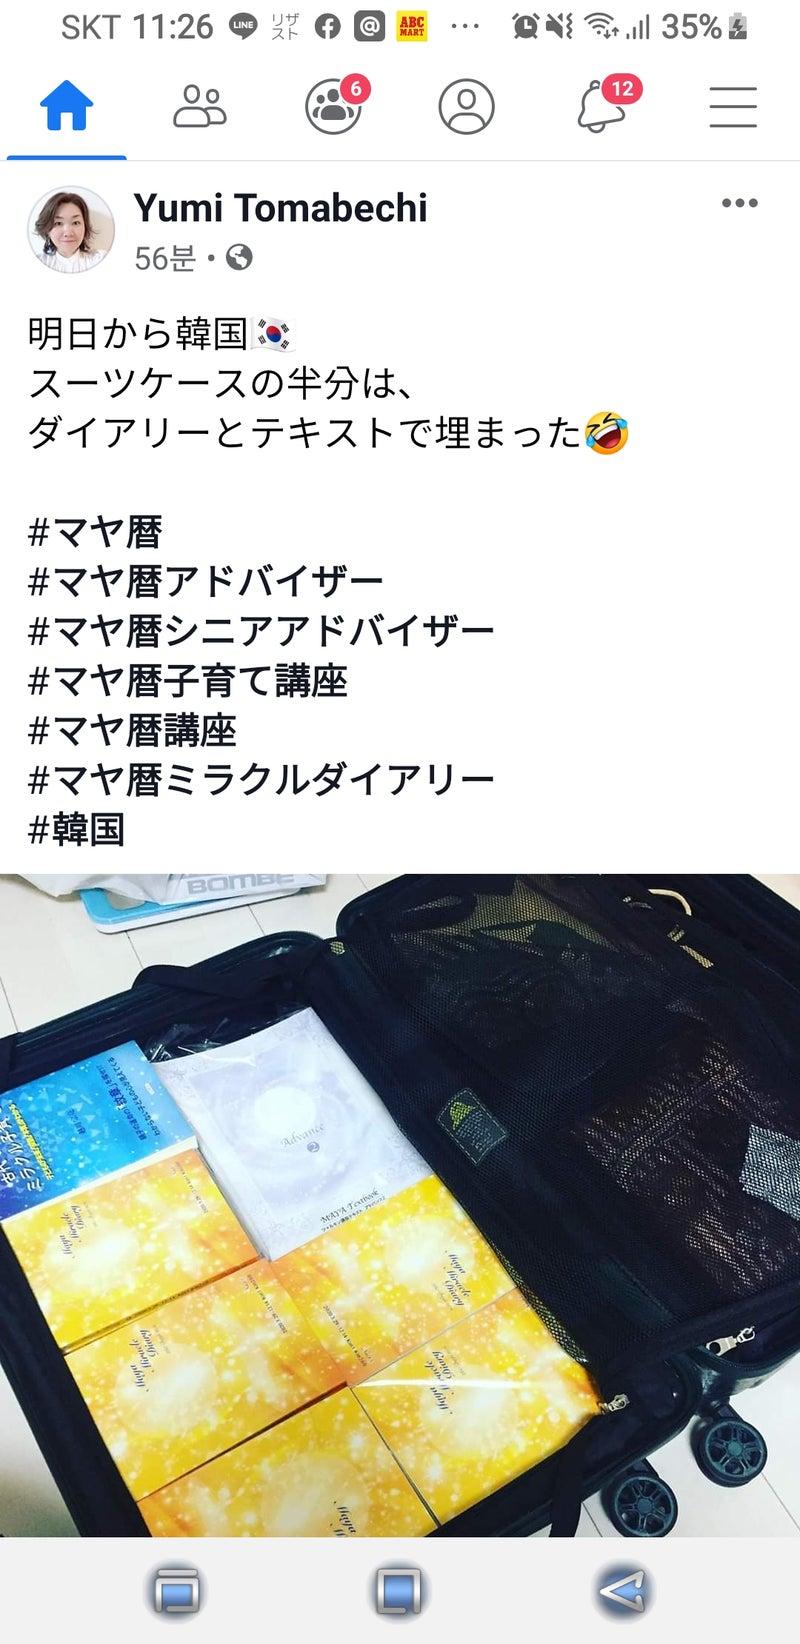 シンクロニシティ 研究 会